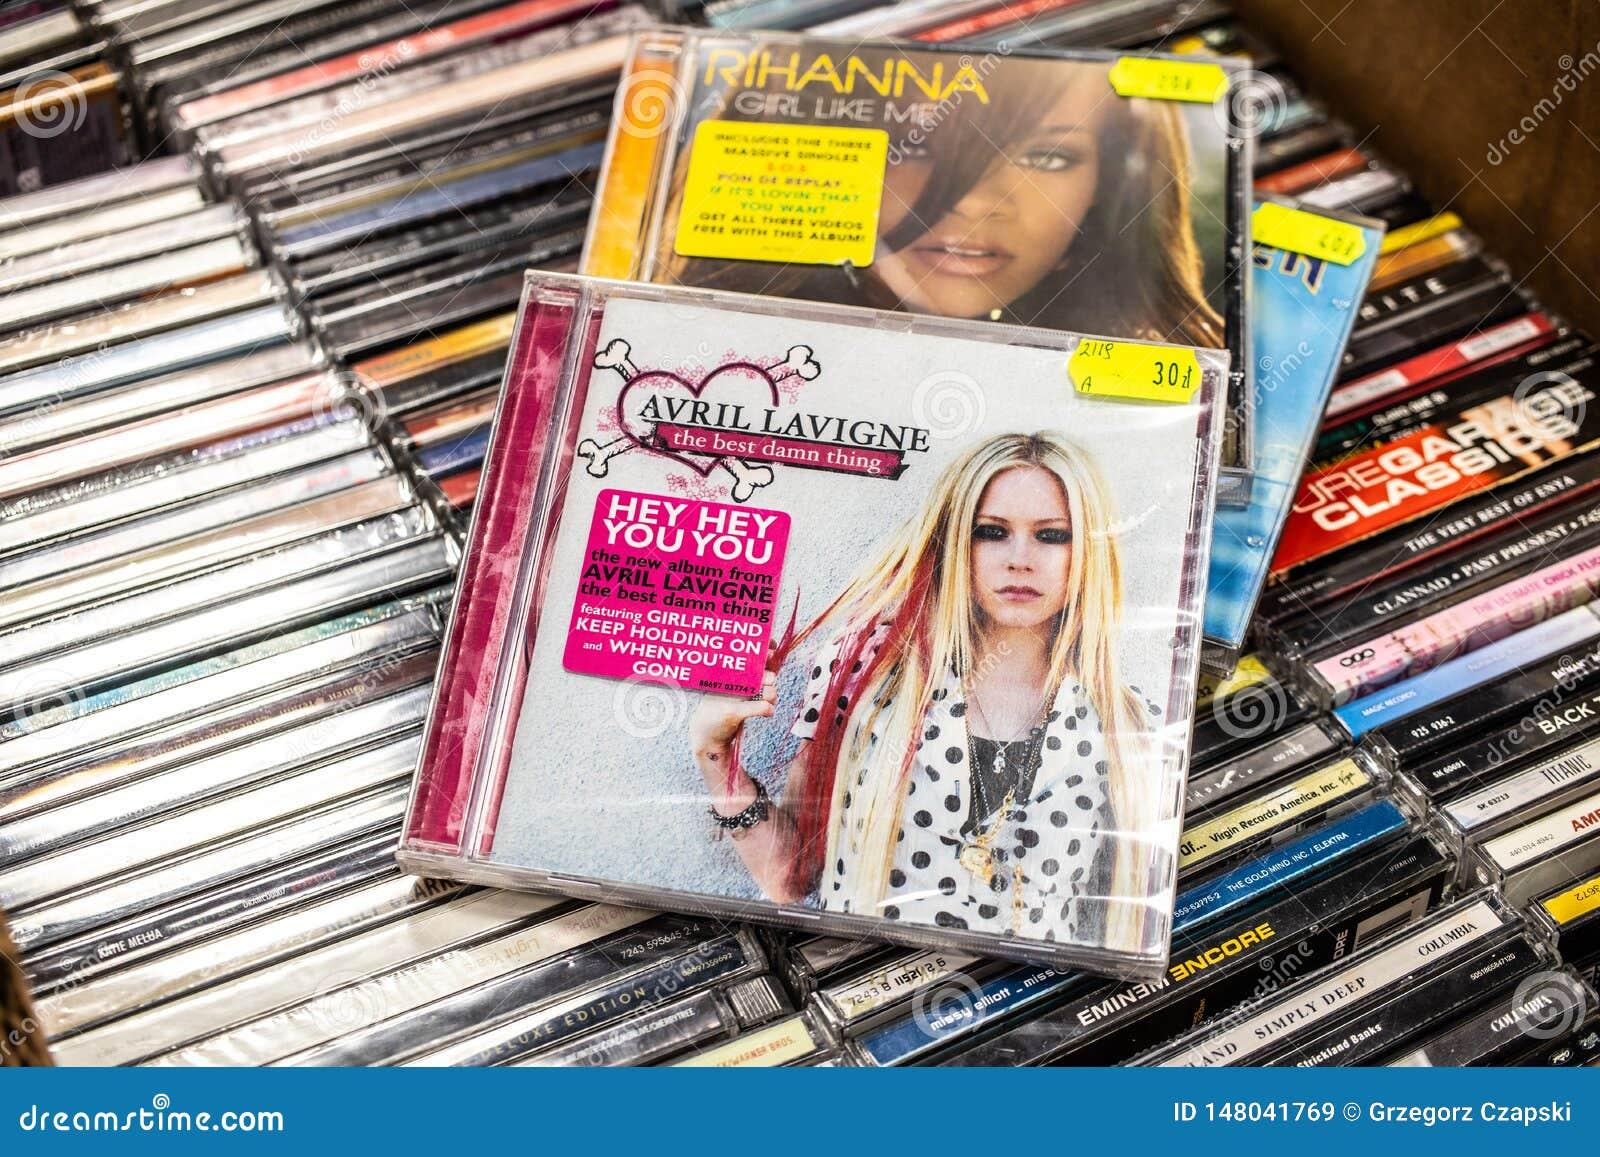 Альбом CD Avril Lavigne самая лучшая проклятая вещь 2007 на дисплее для продажи, известная канадская певица, песенник